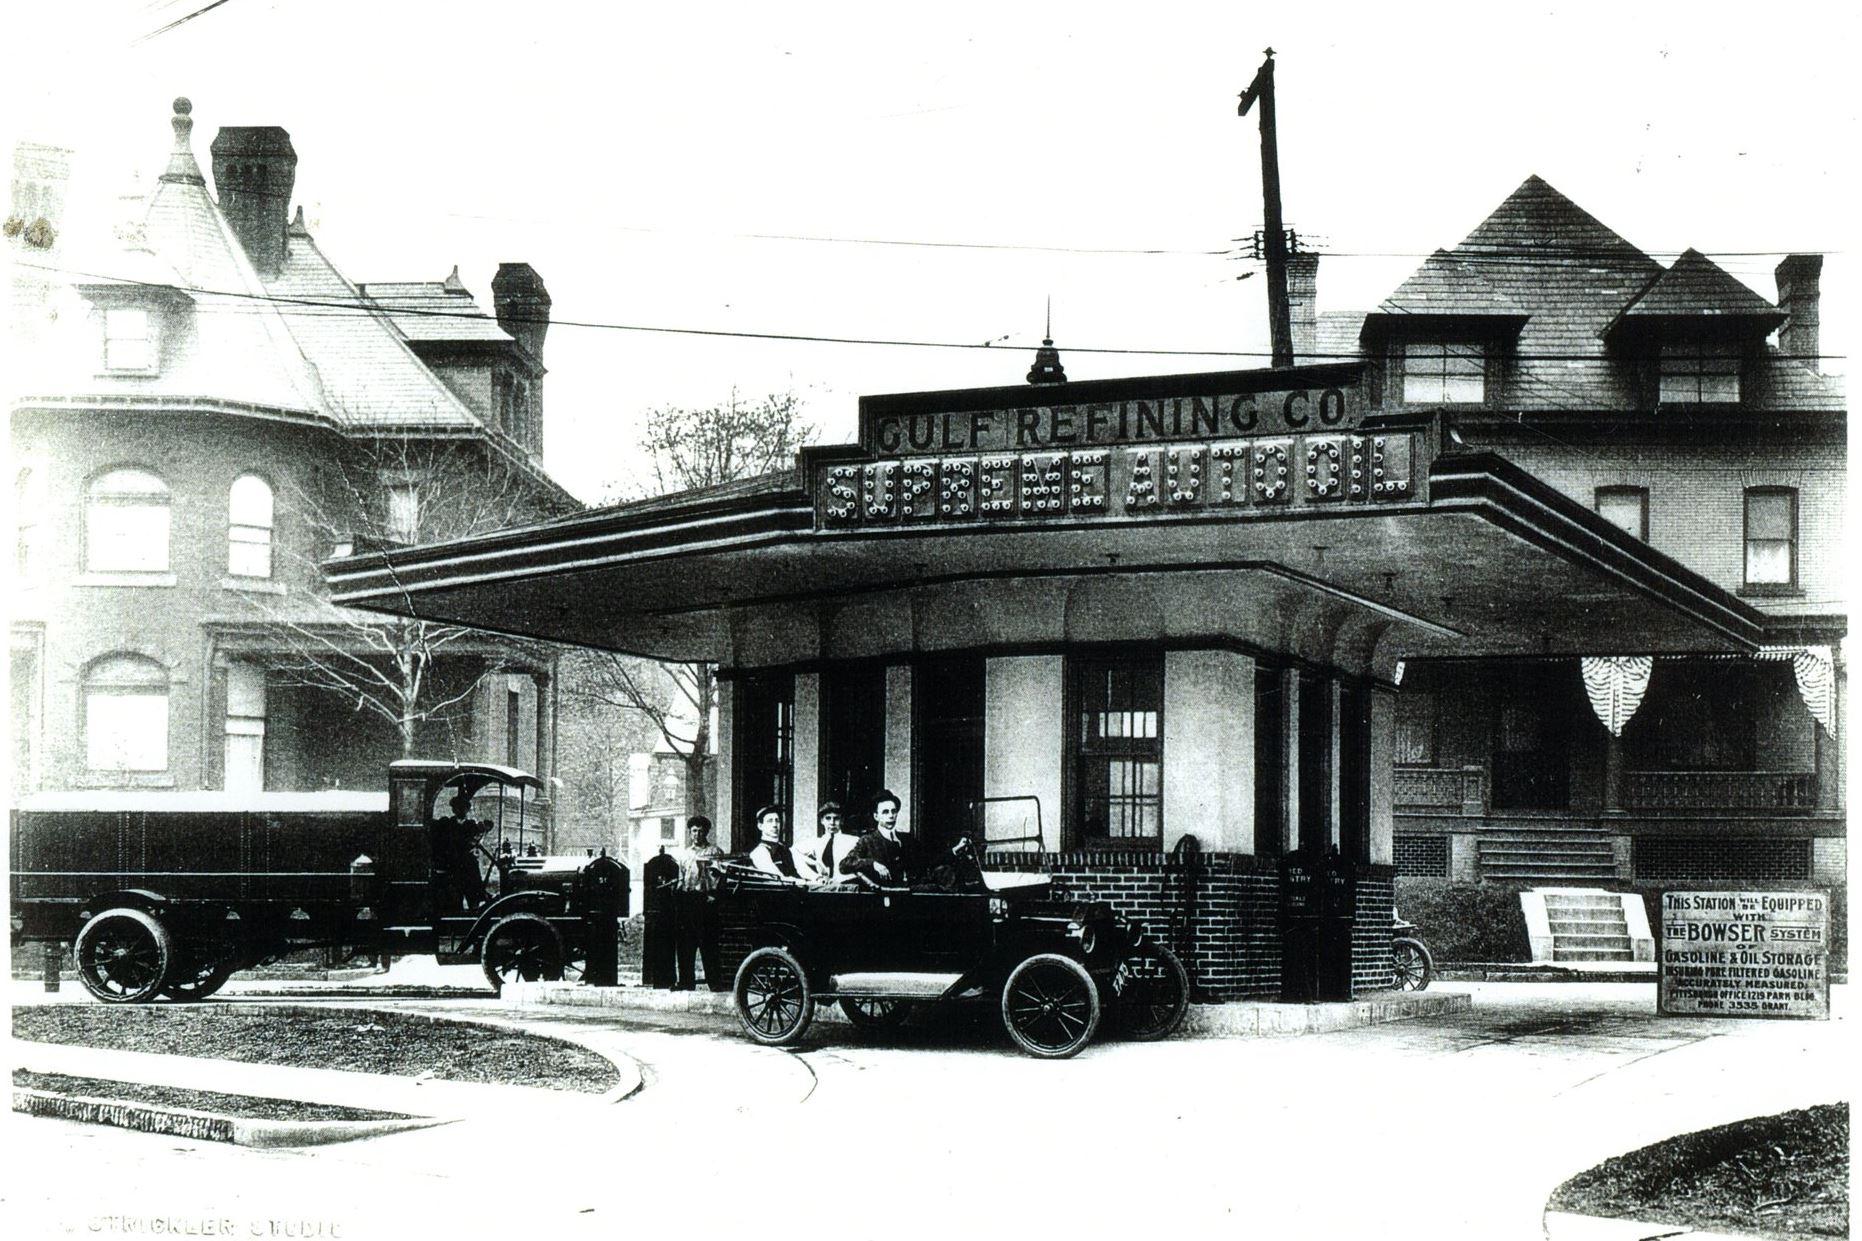 Przejazdowa stacja paliw w Pittsuburghu wzniesiona w 1913 roku przez Gulf Oil.